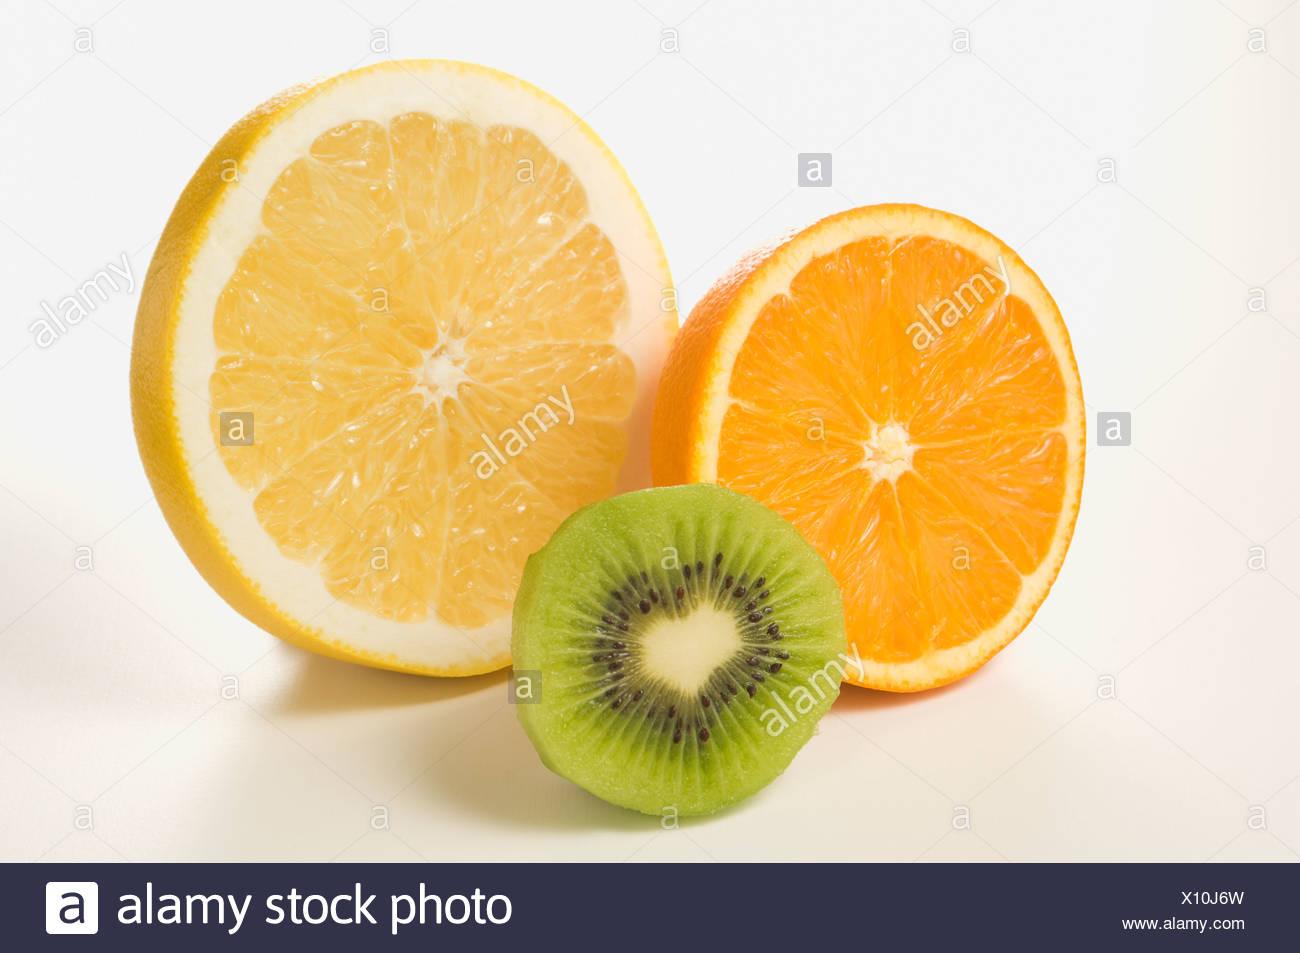 Half Cut of Grapefruit, Orange and Kiwi fruit - Stock Image